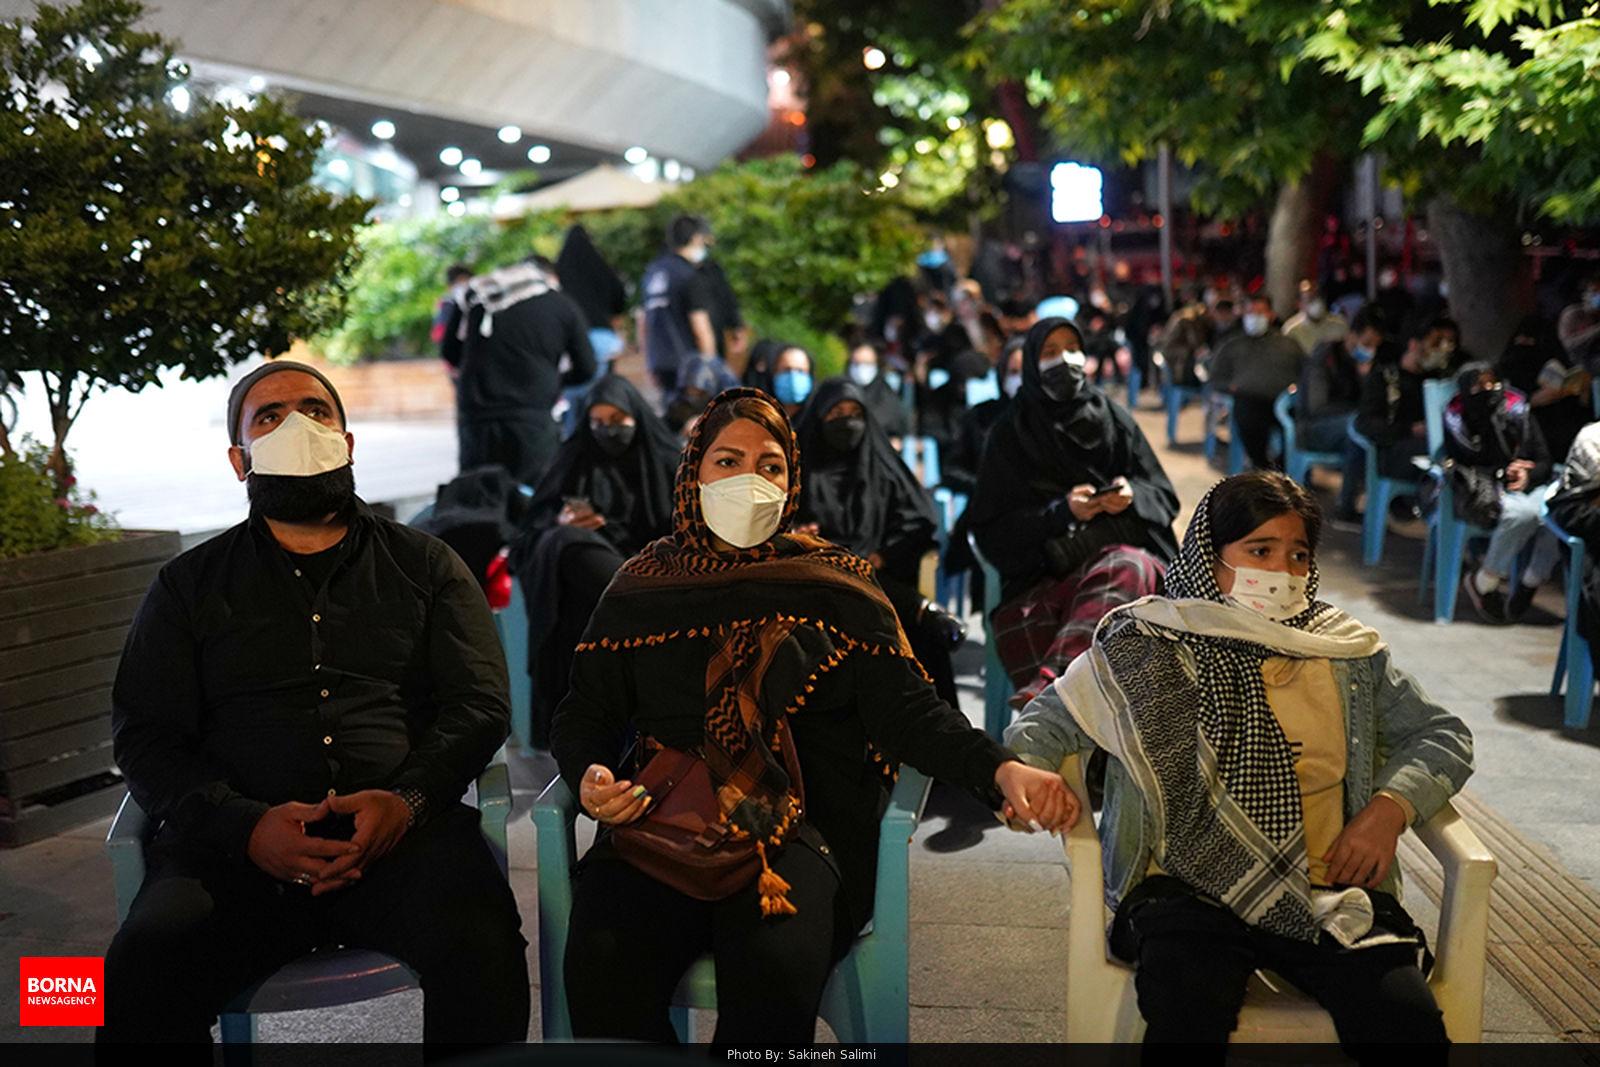 حال و هوای تجریش در شب قدر + عکس